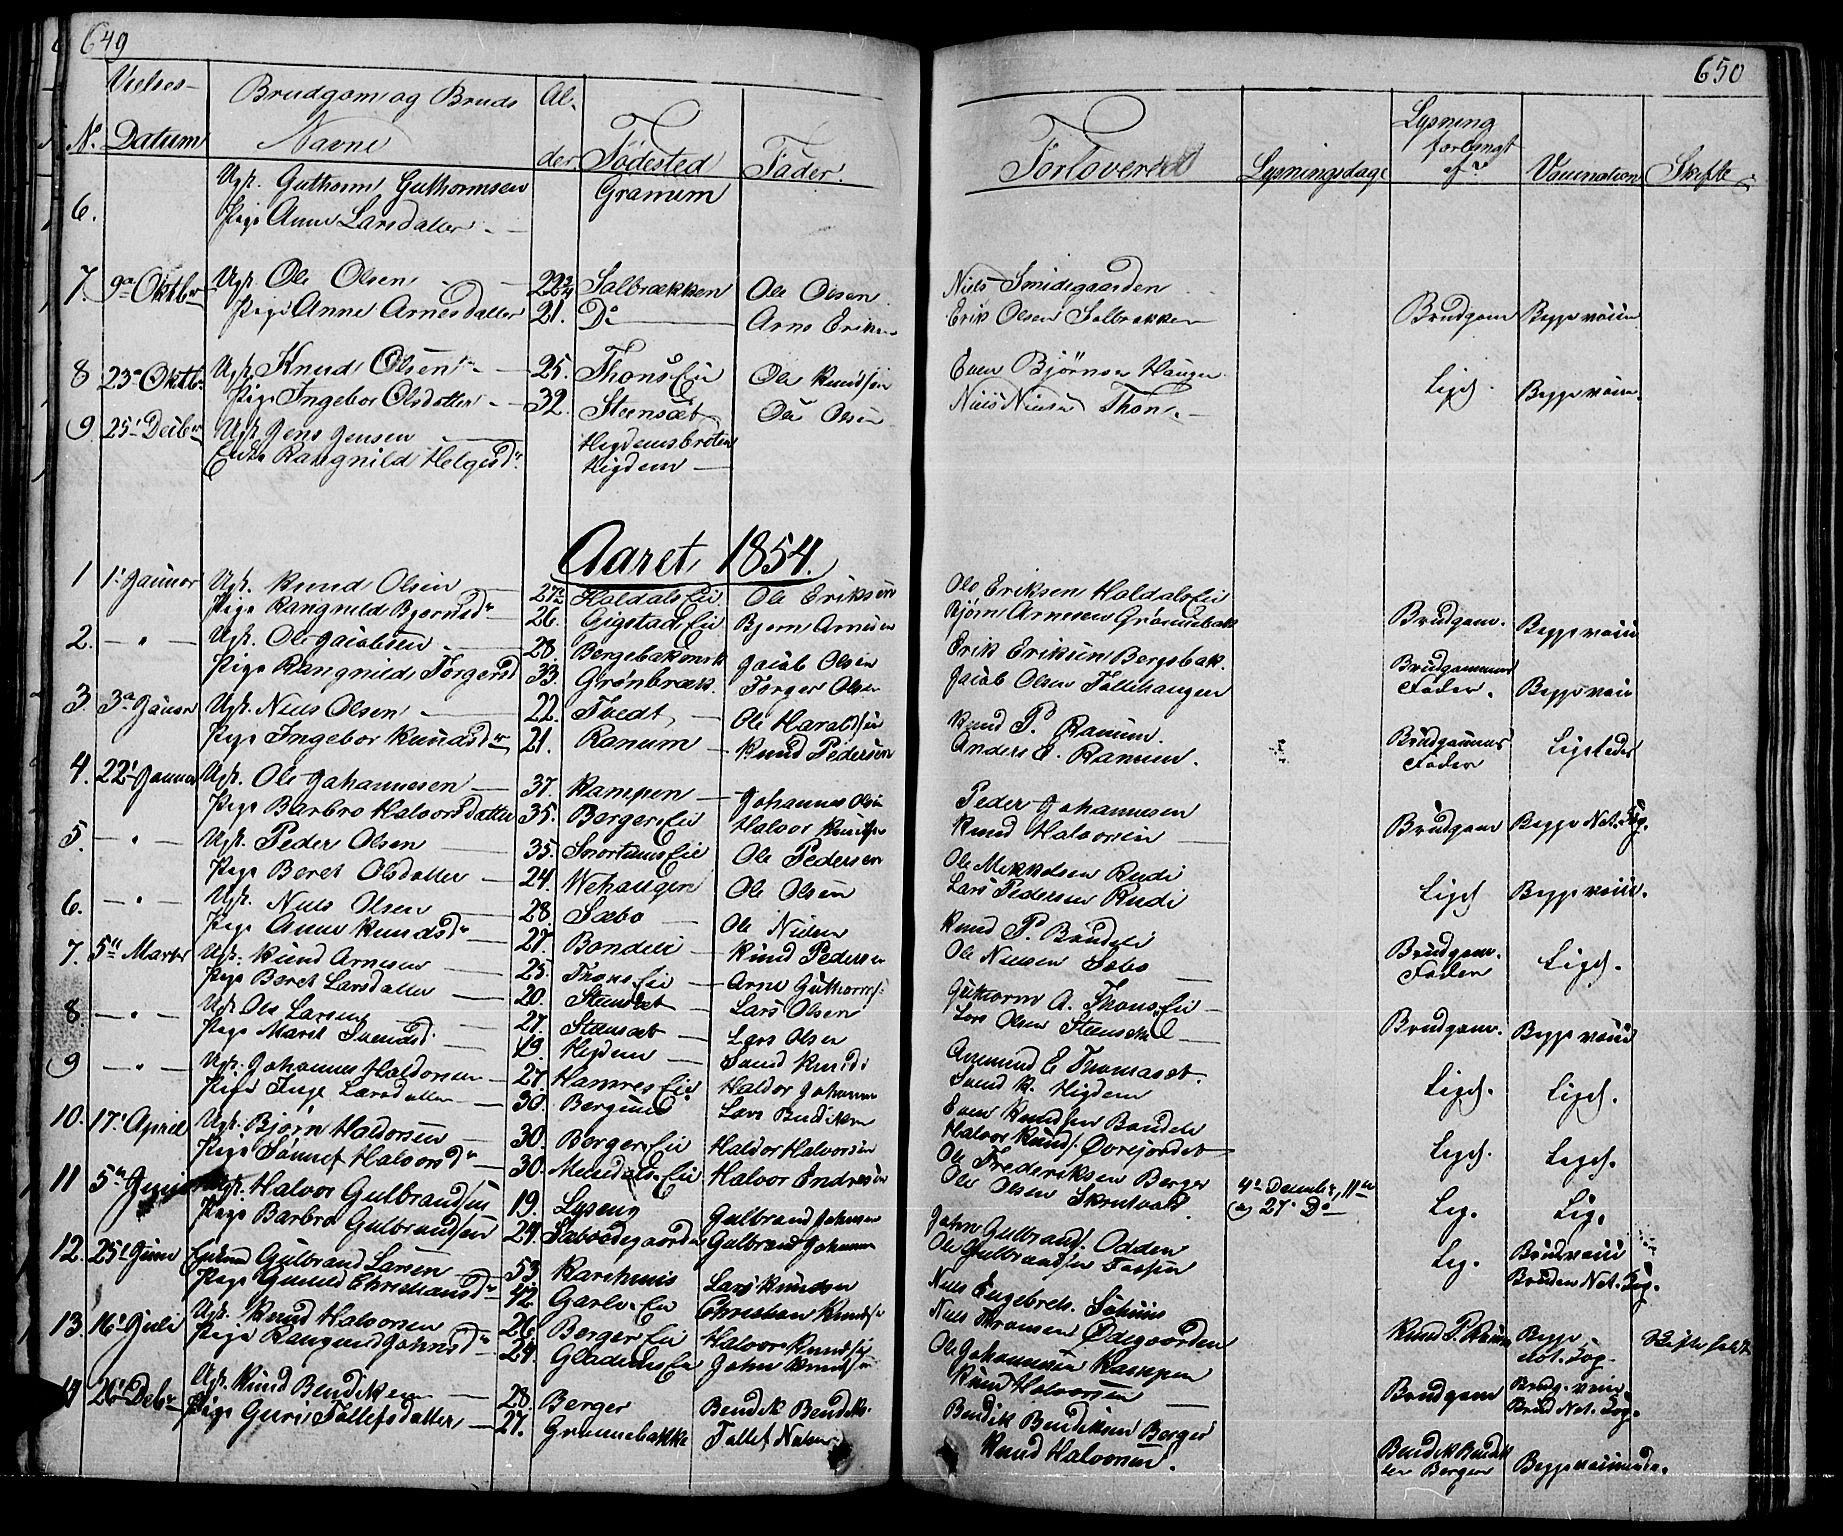 SAH, Nord-Aurdal prestekontor, Klokkerbok nr. 1, 1834-1887, s. 649-650